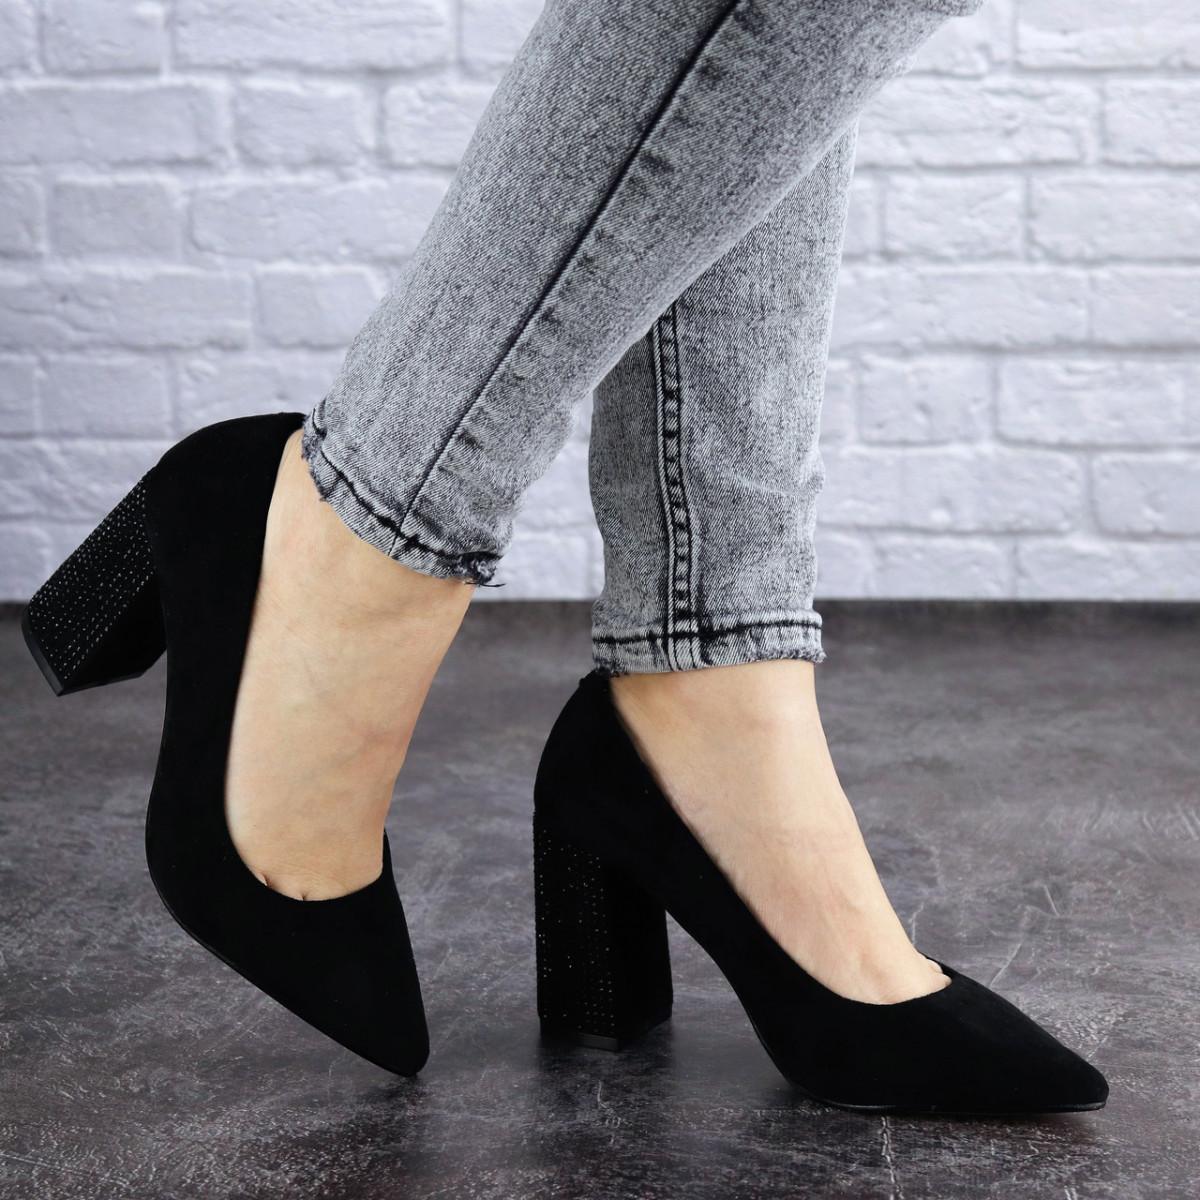 Женские туфли на каблуке Fashion Skye 2016 37 размер 24 см Черный